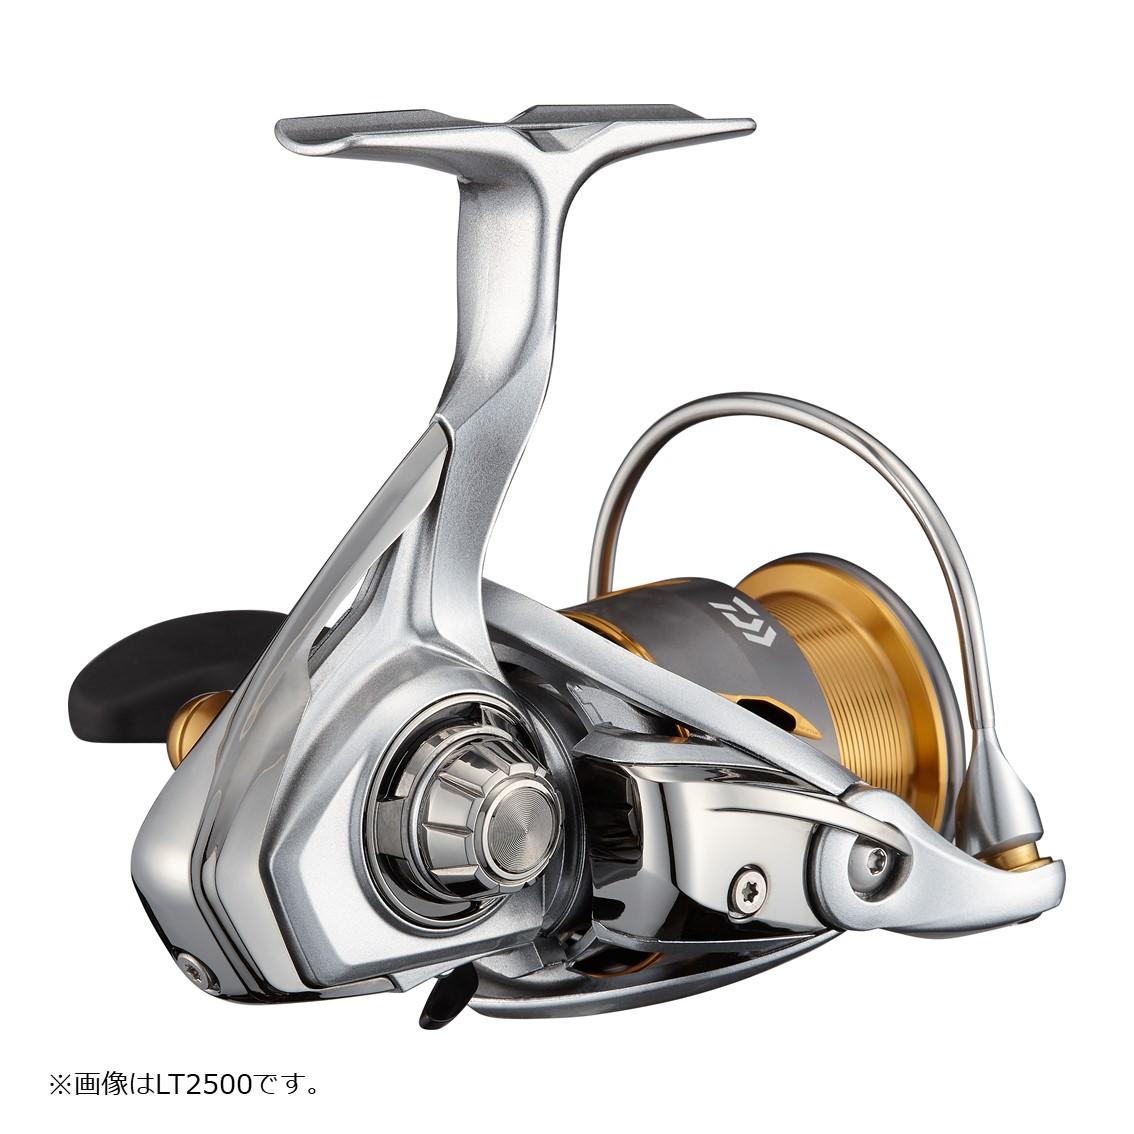 ダイワ 21フリームス LT2500-XH